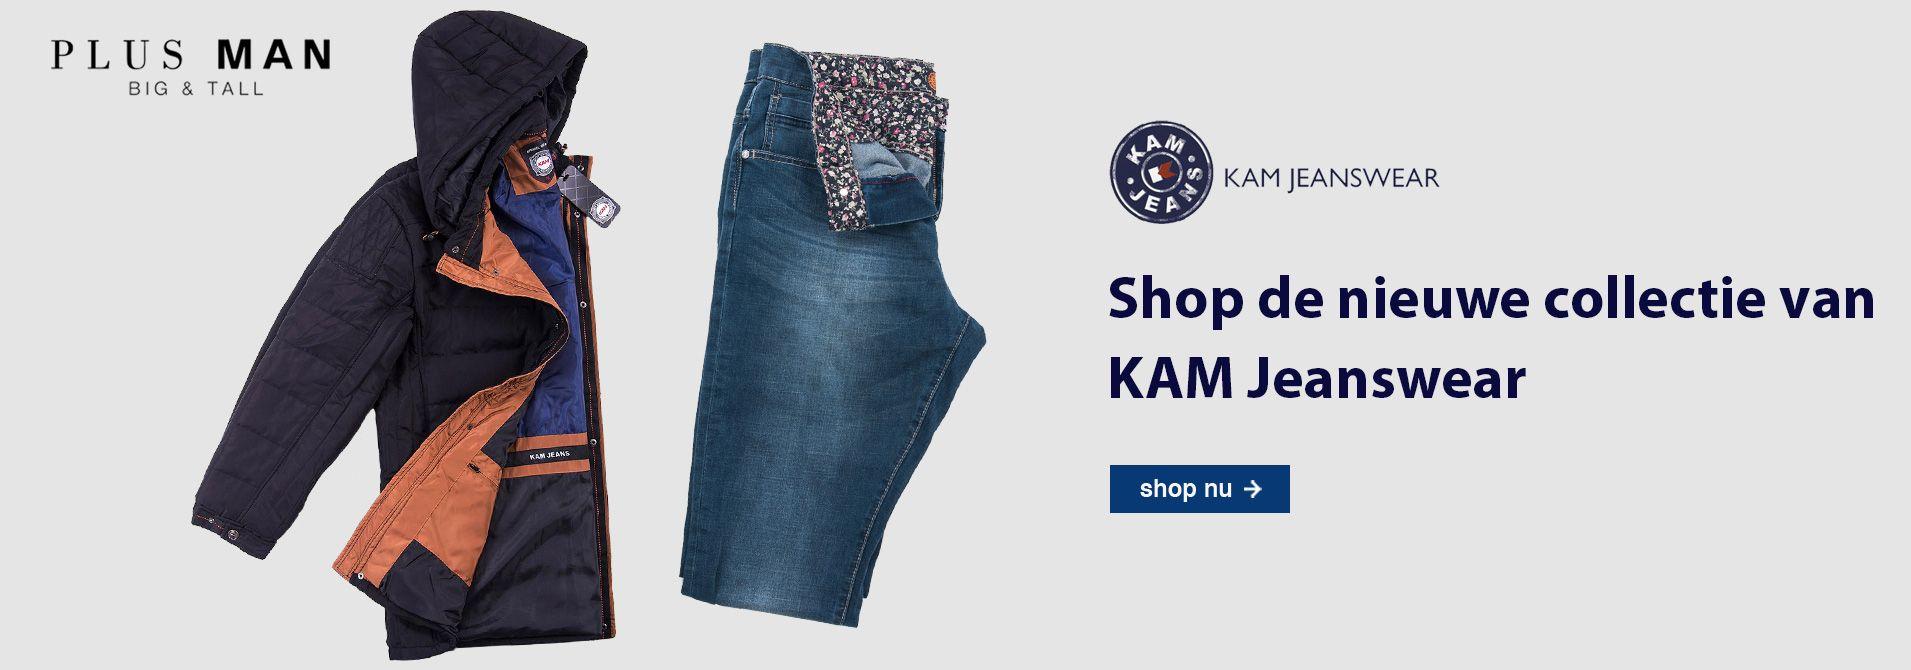 KAM Jeanswear grote maten